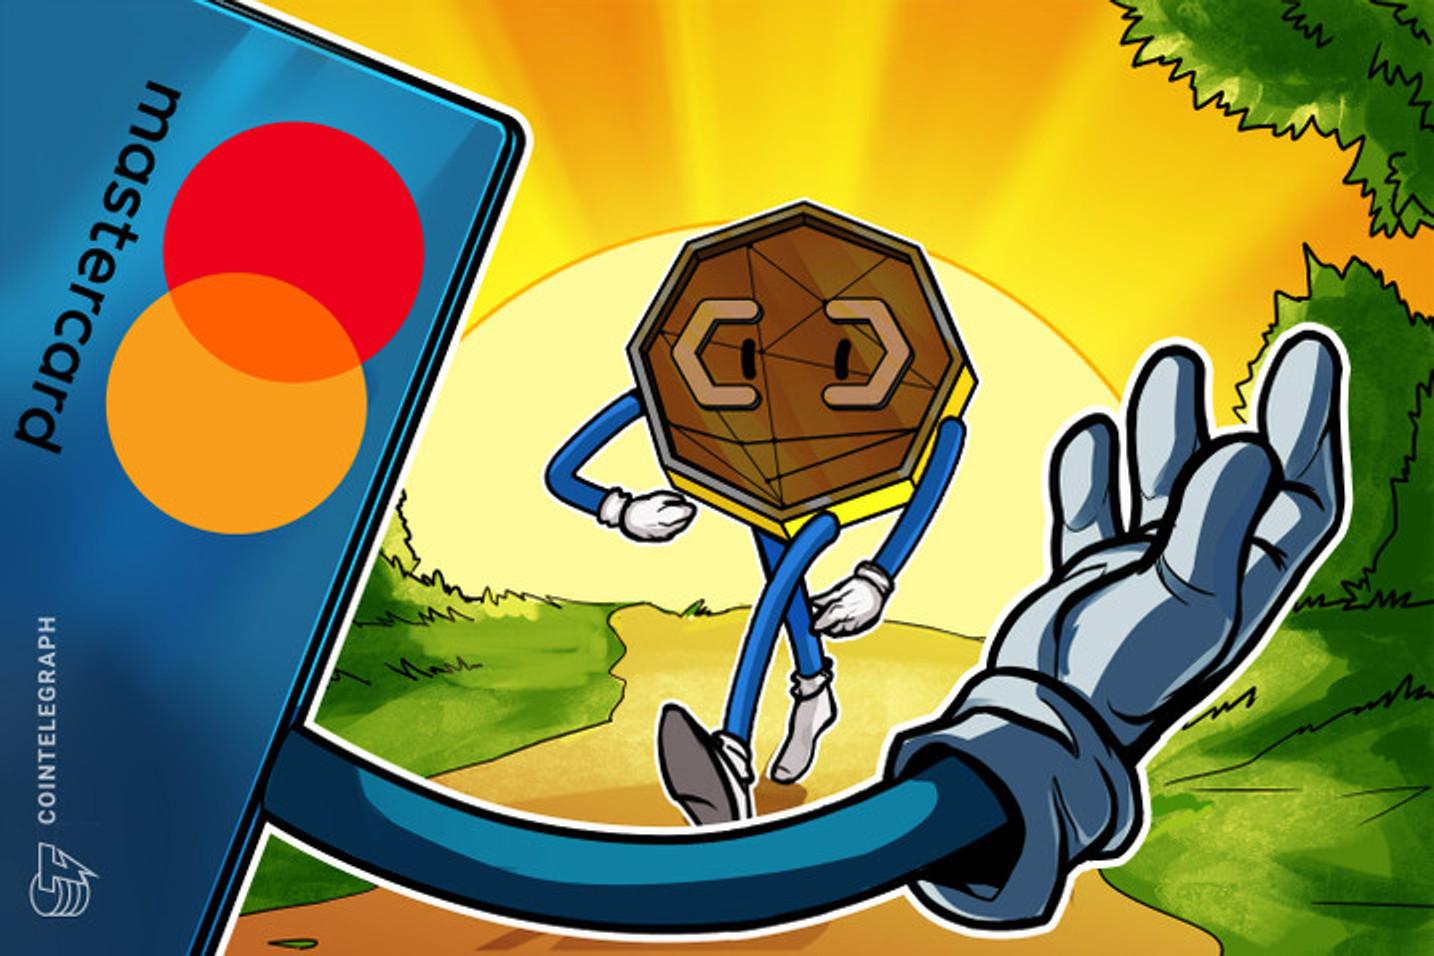 Depois de integrar Bitcoin, Mastercard lança sistema de pagamento preparado para computação quântica